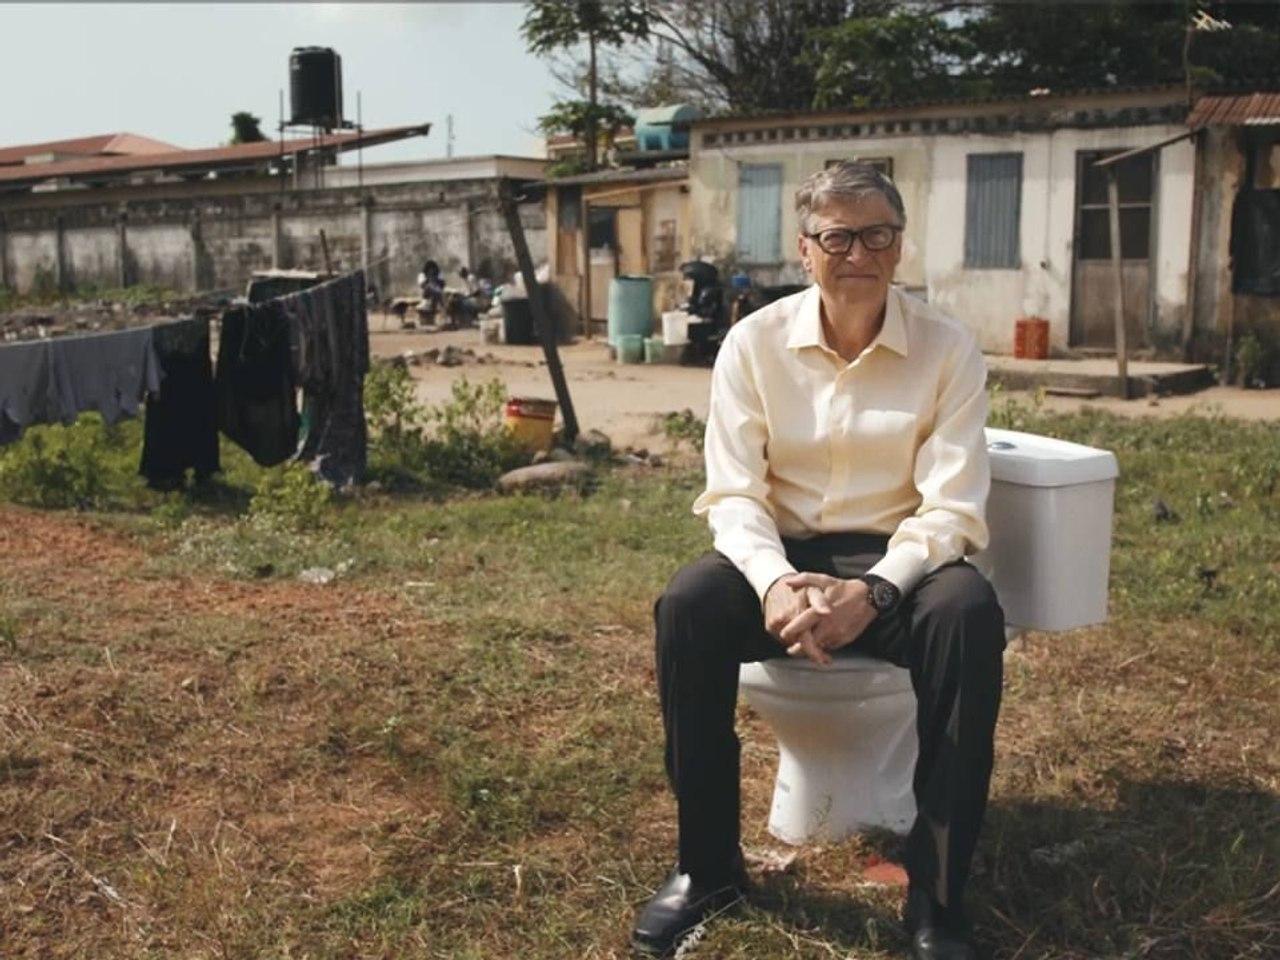 Основатель Microsoft Билл Гейтс представил туалет без воды, производящий удобрения